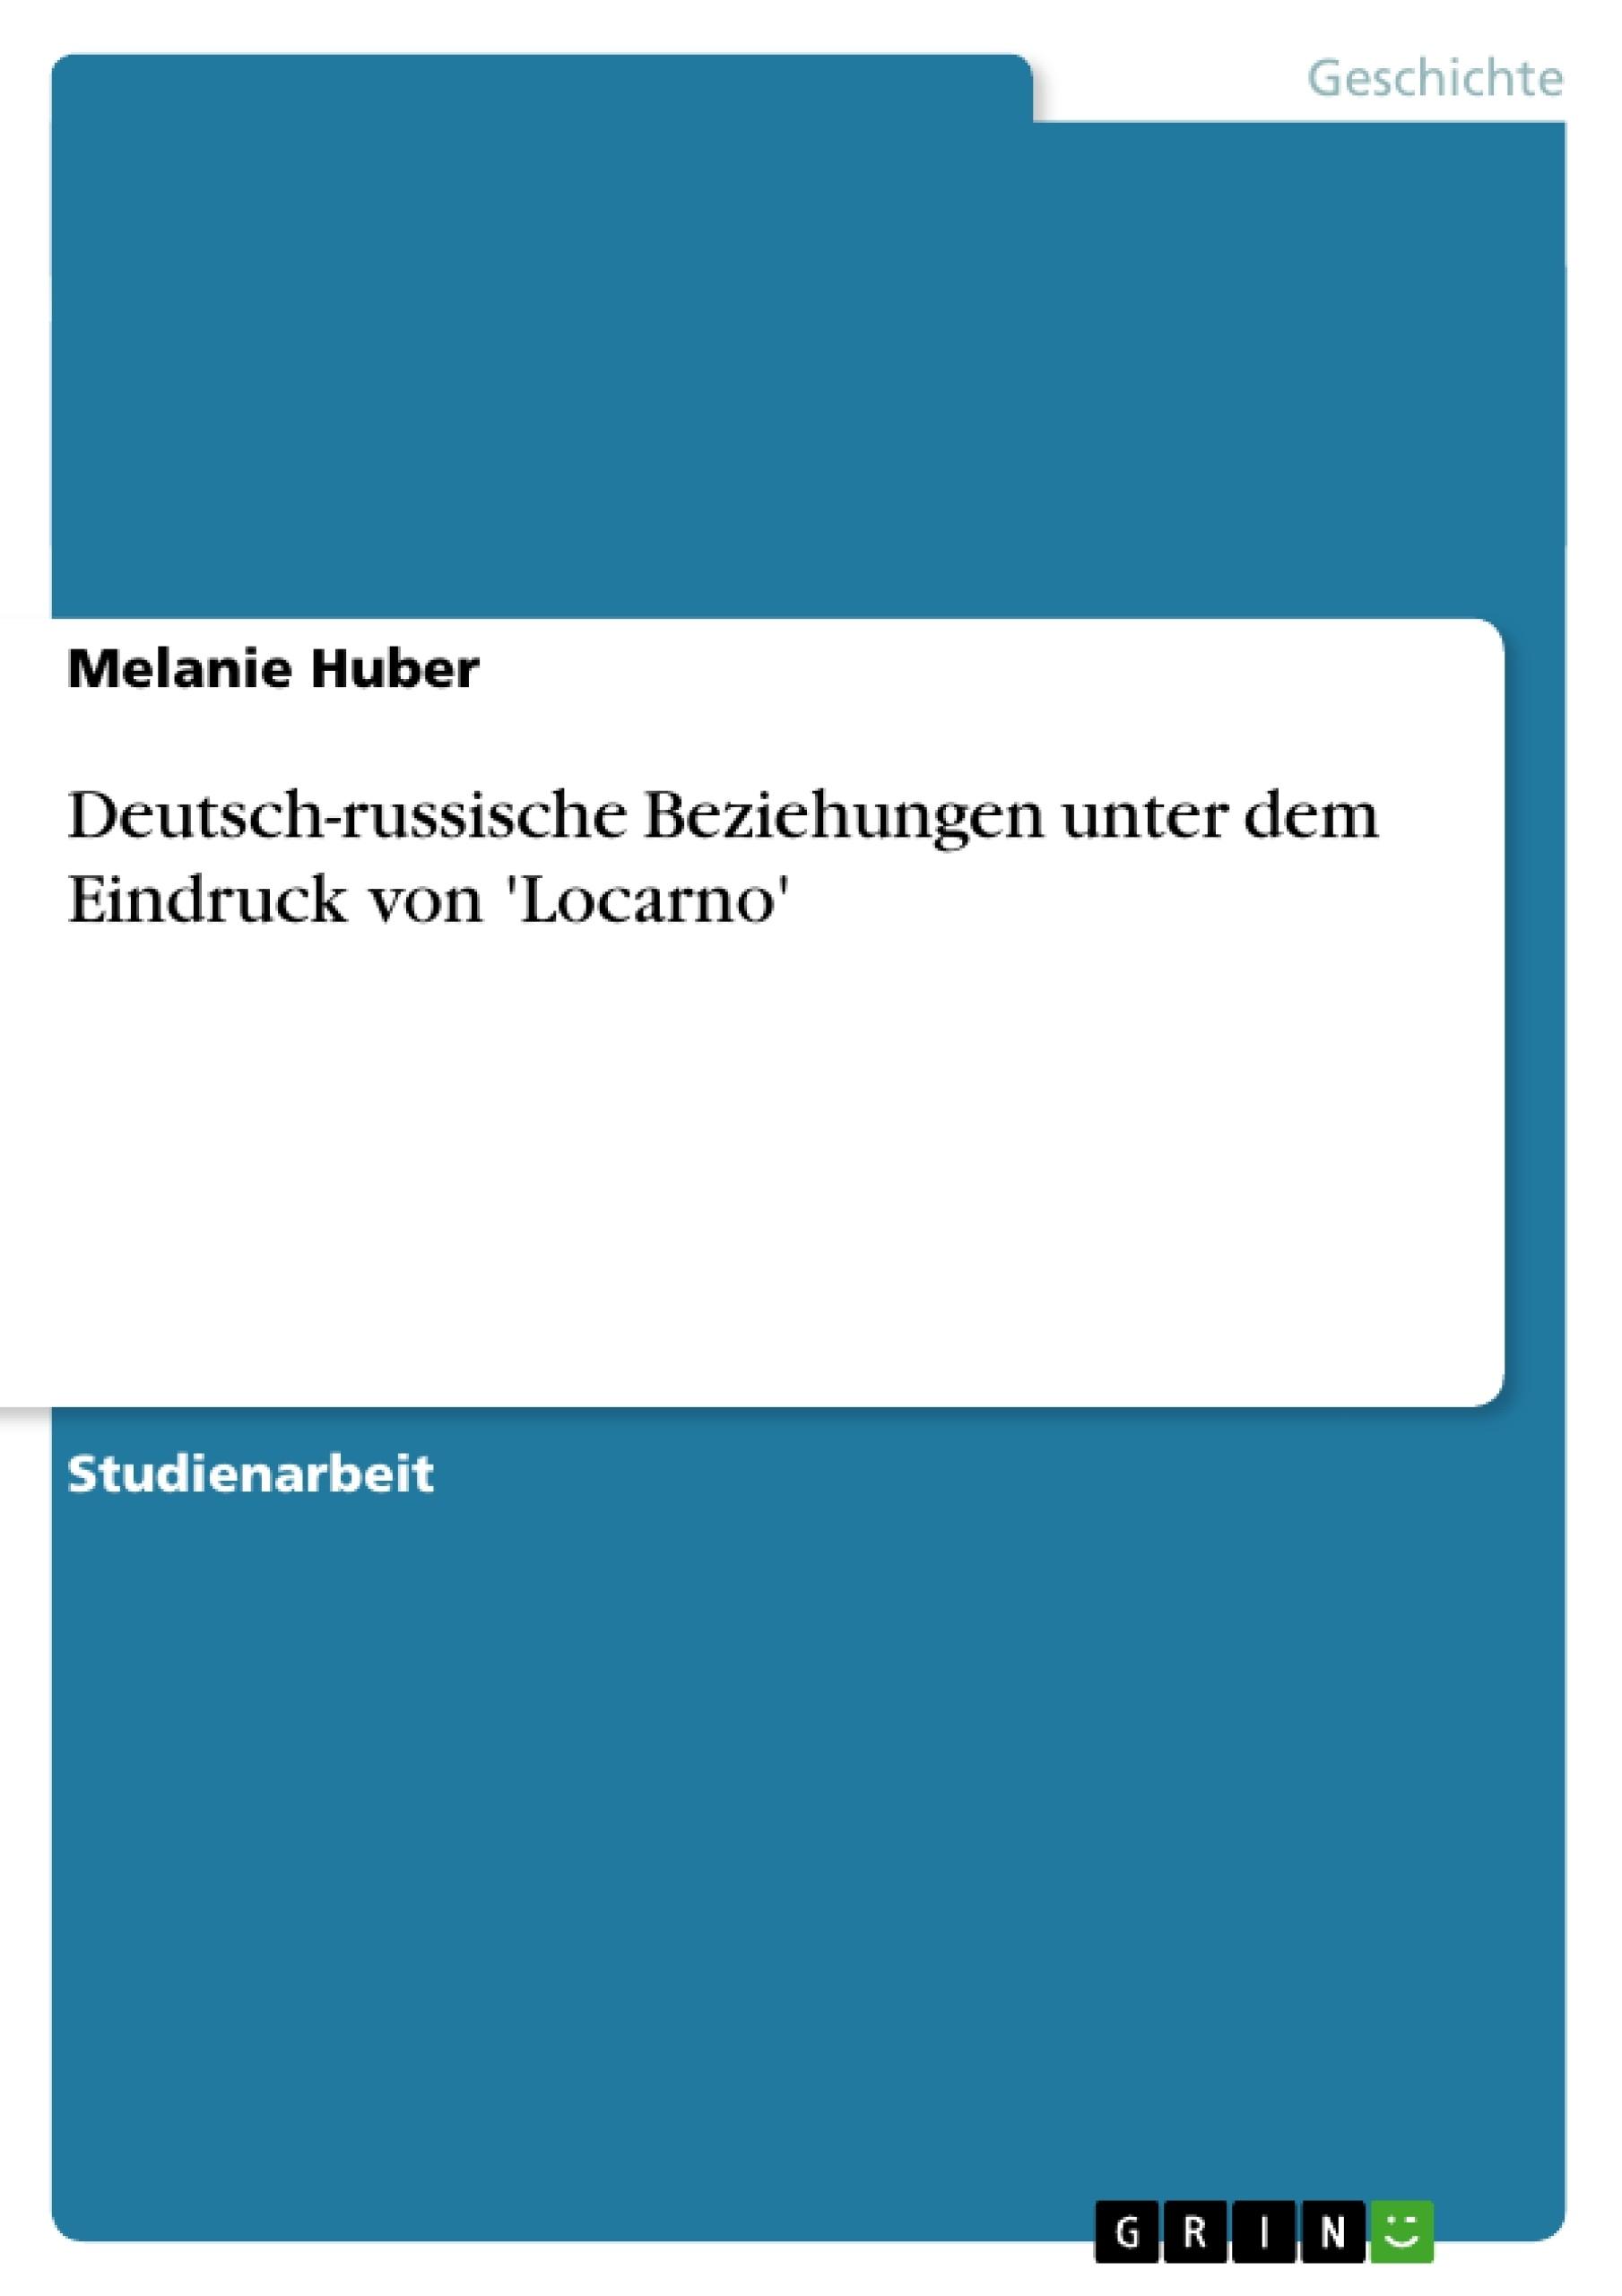 Titel: Deutsch-russische Beziehungen unter dem Eindruck von 'Locarno'